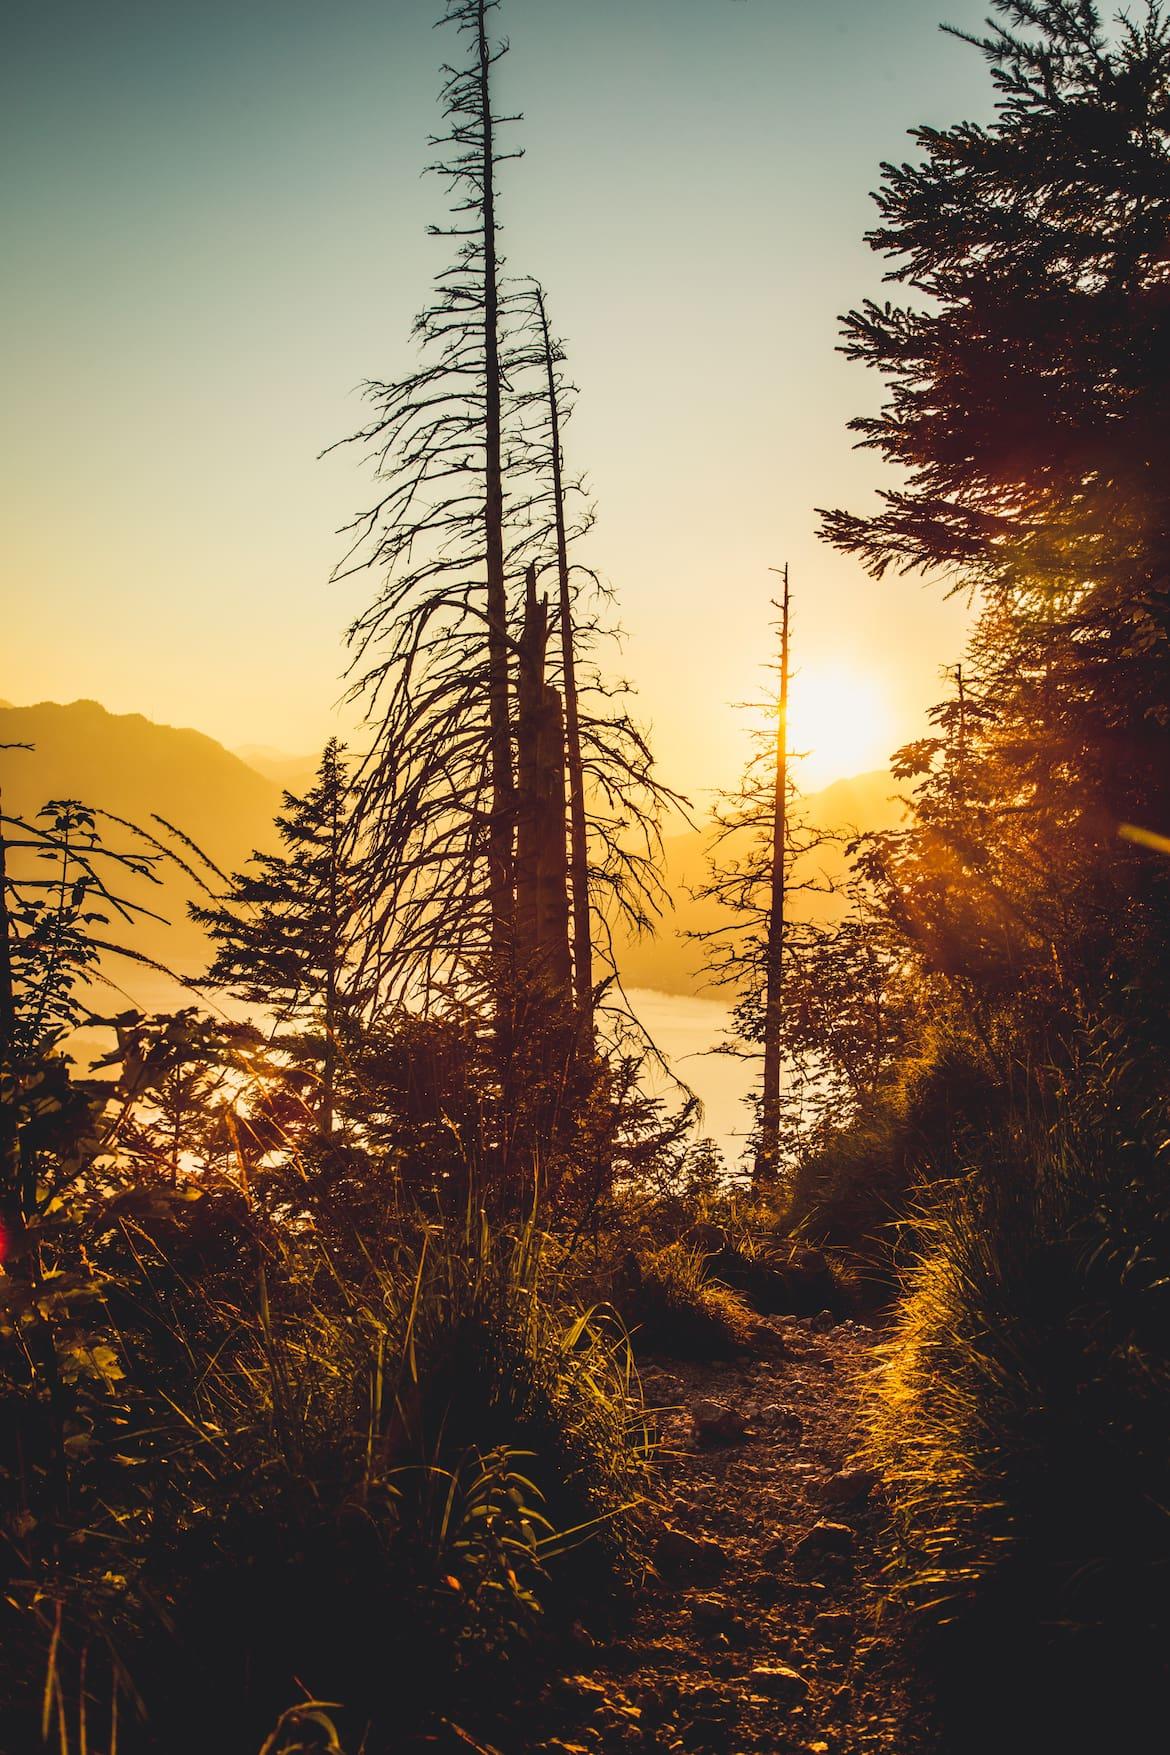 Sonnenuntergang beim Abstieg vom Schoberstein